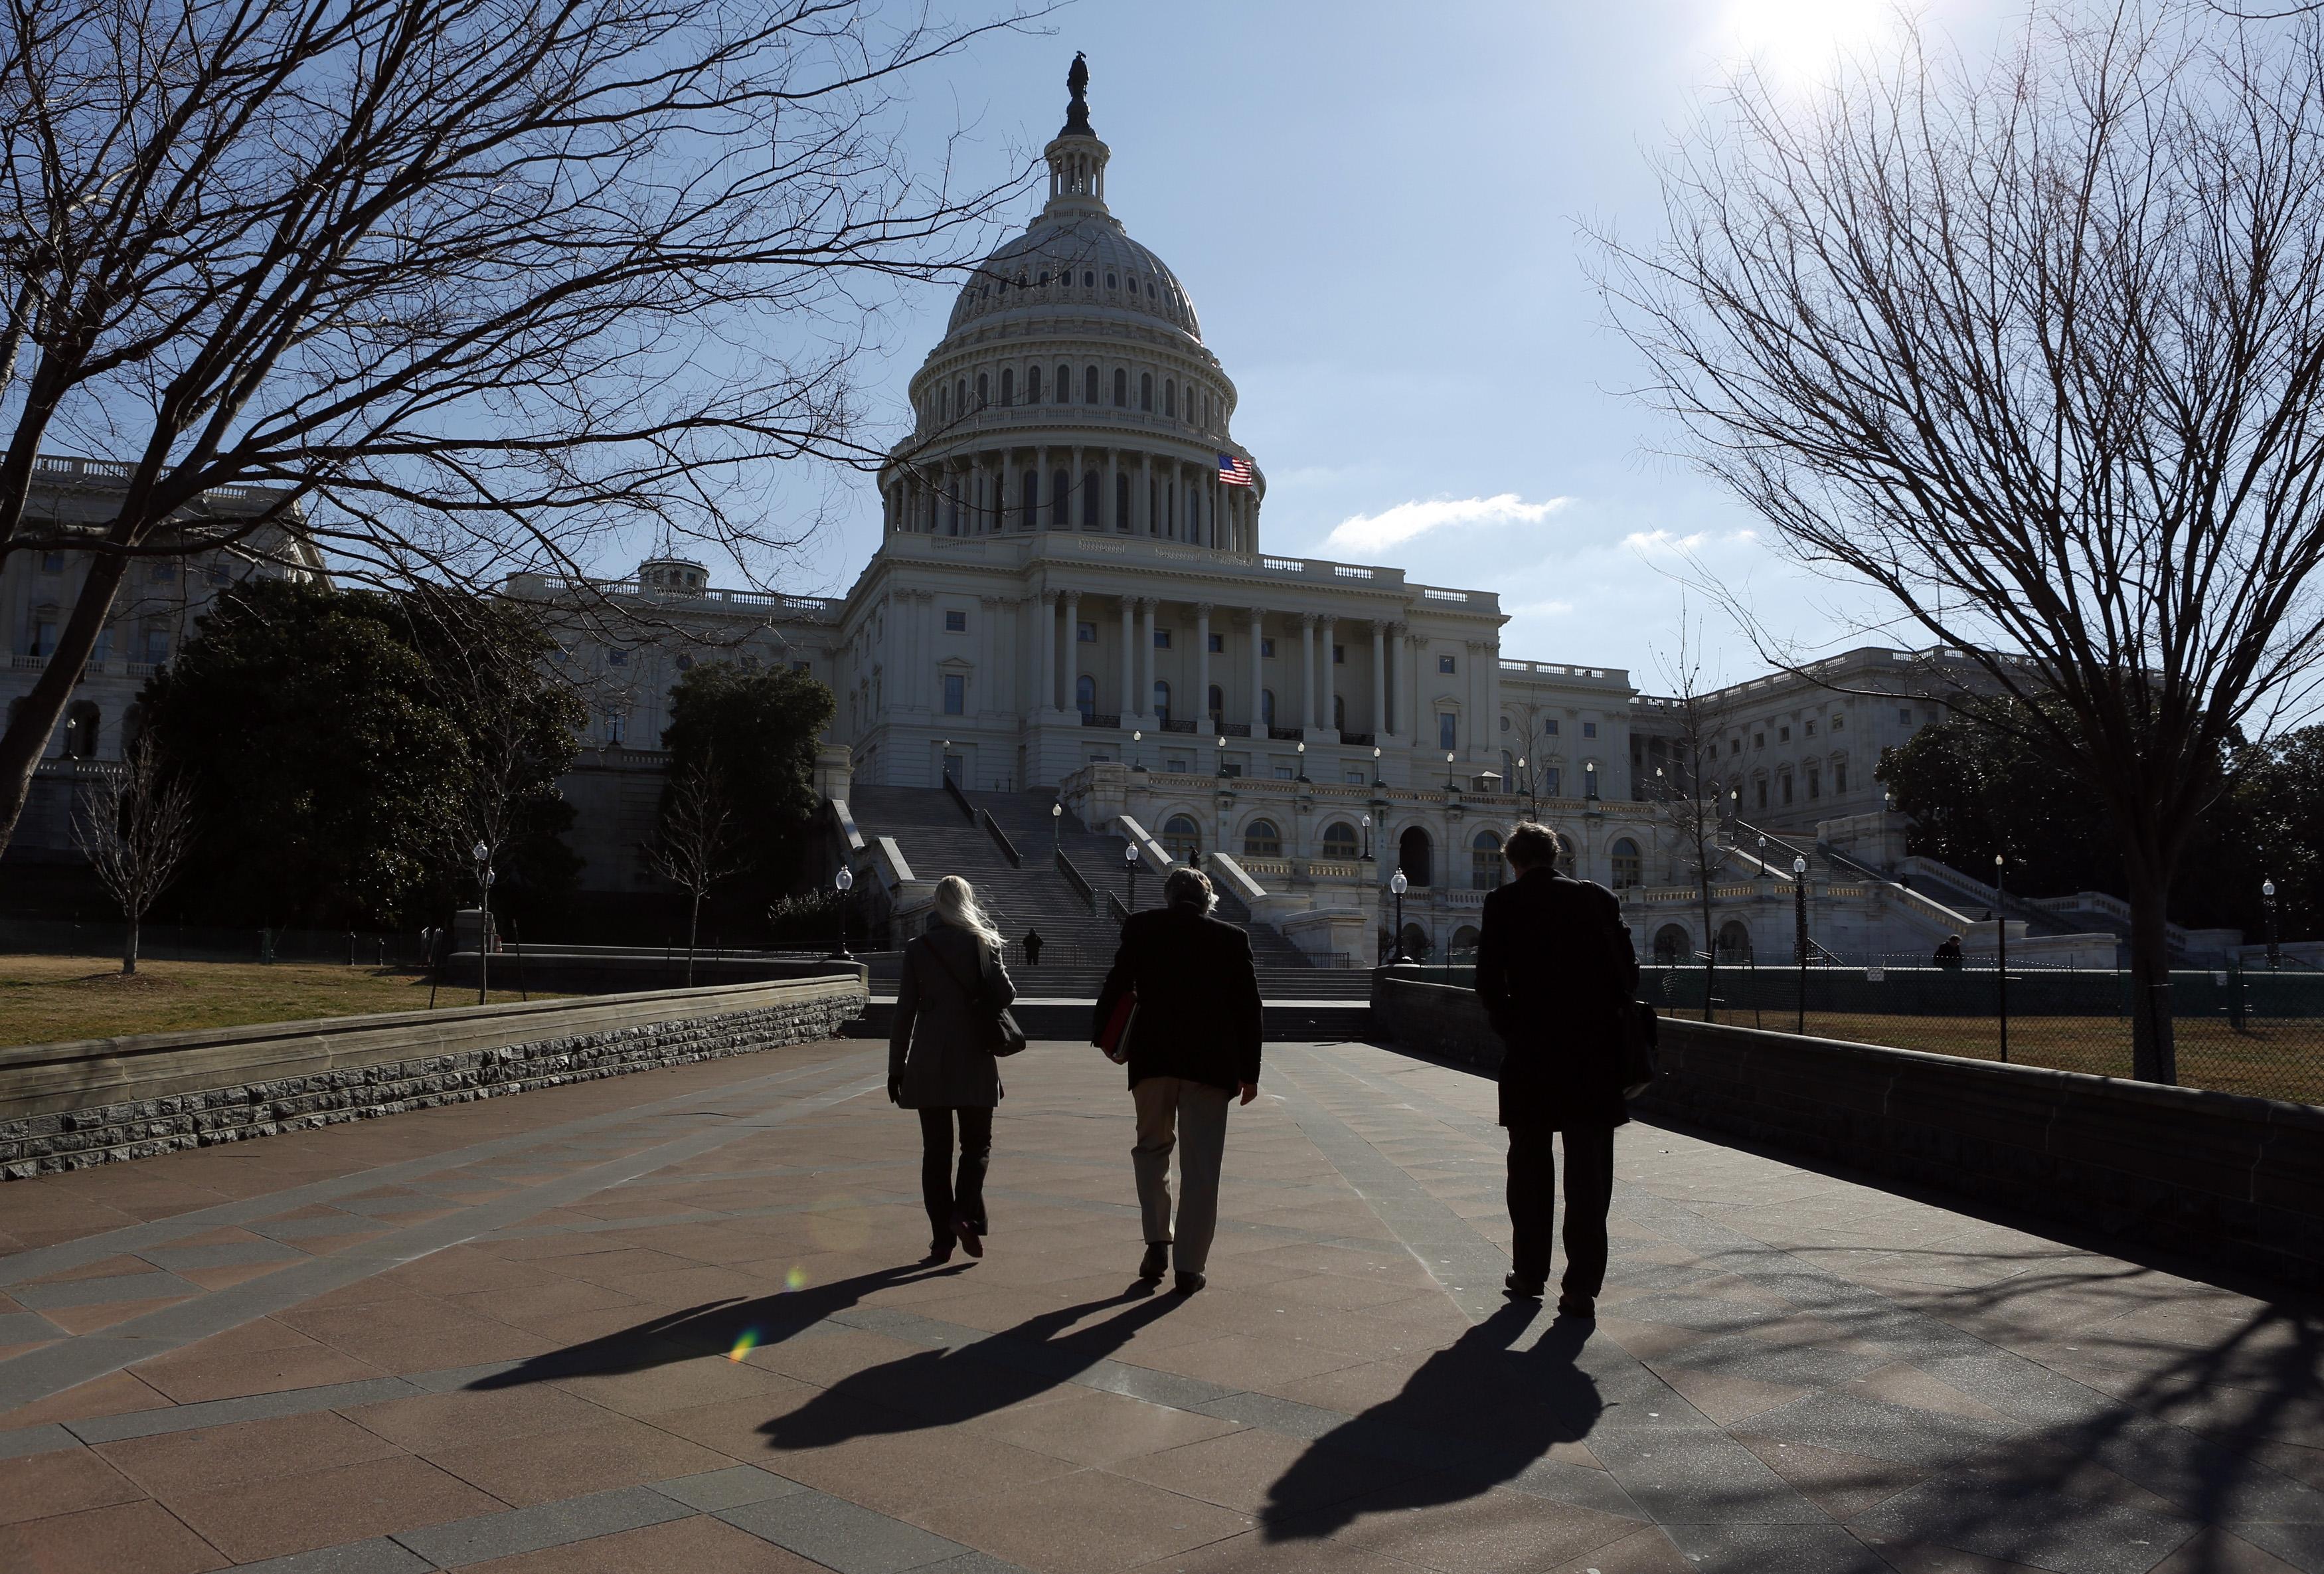 Các chính sách sắp hết hạn mà quốc hội Hoa Kỳ cần giải quyết